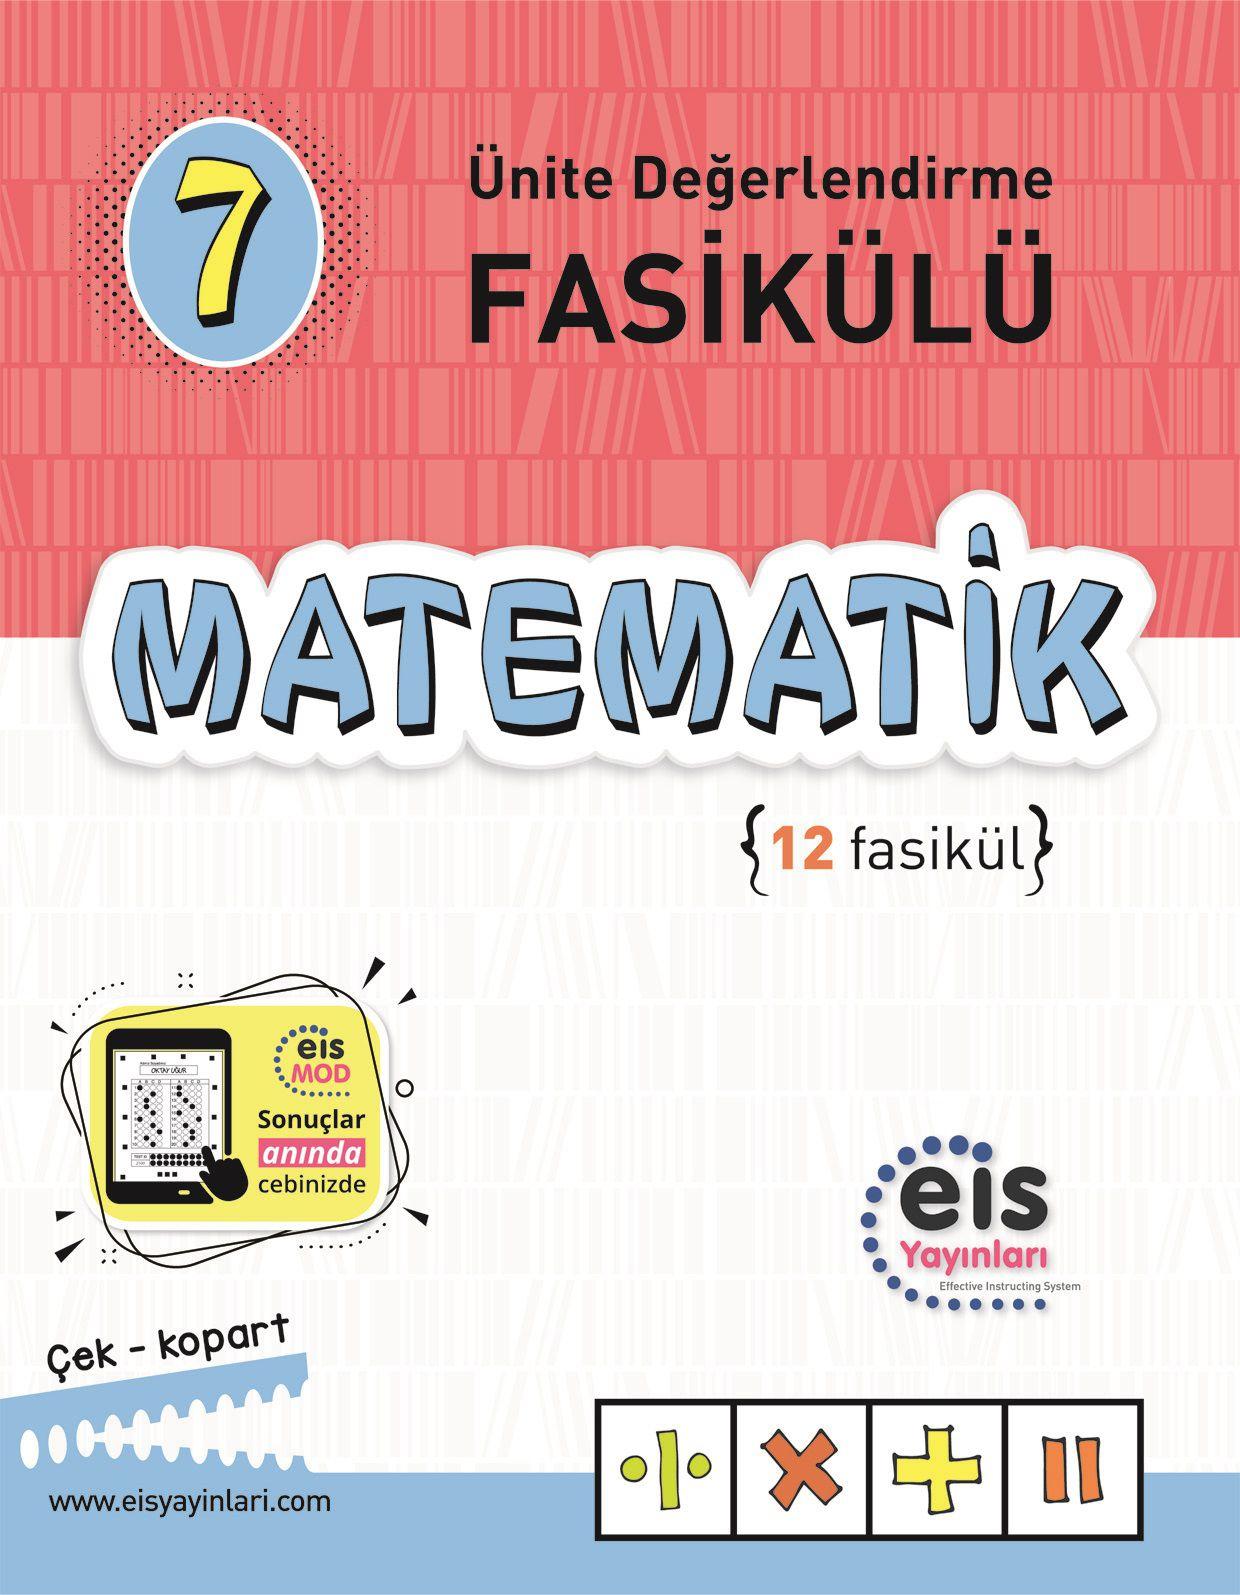 Bry - Birey Eğitim Yayınları 7.Sınıf  Ünite Değerlendirme Fasikülü (112)  Matematik